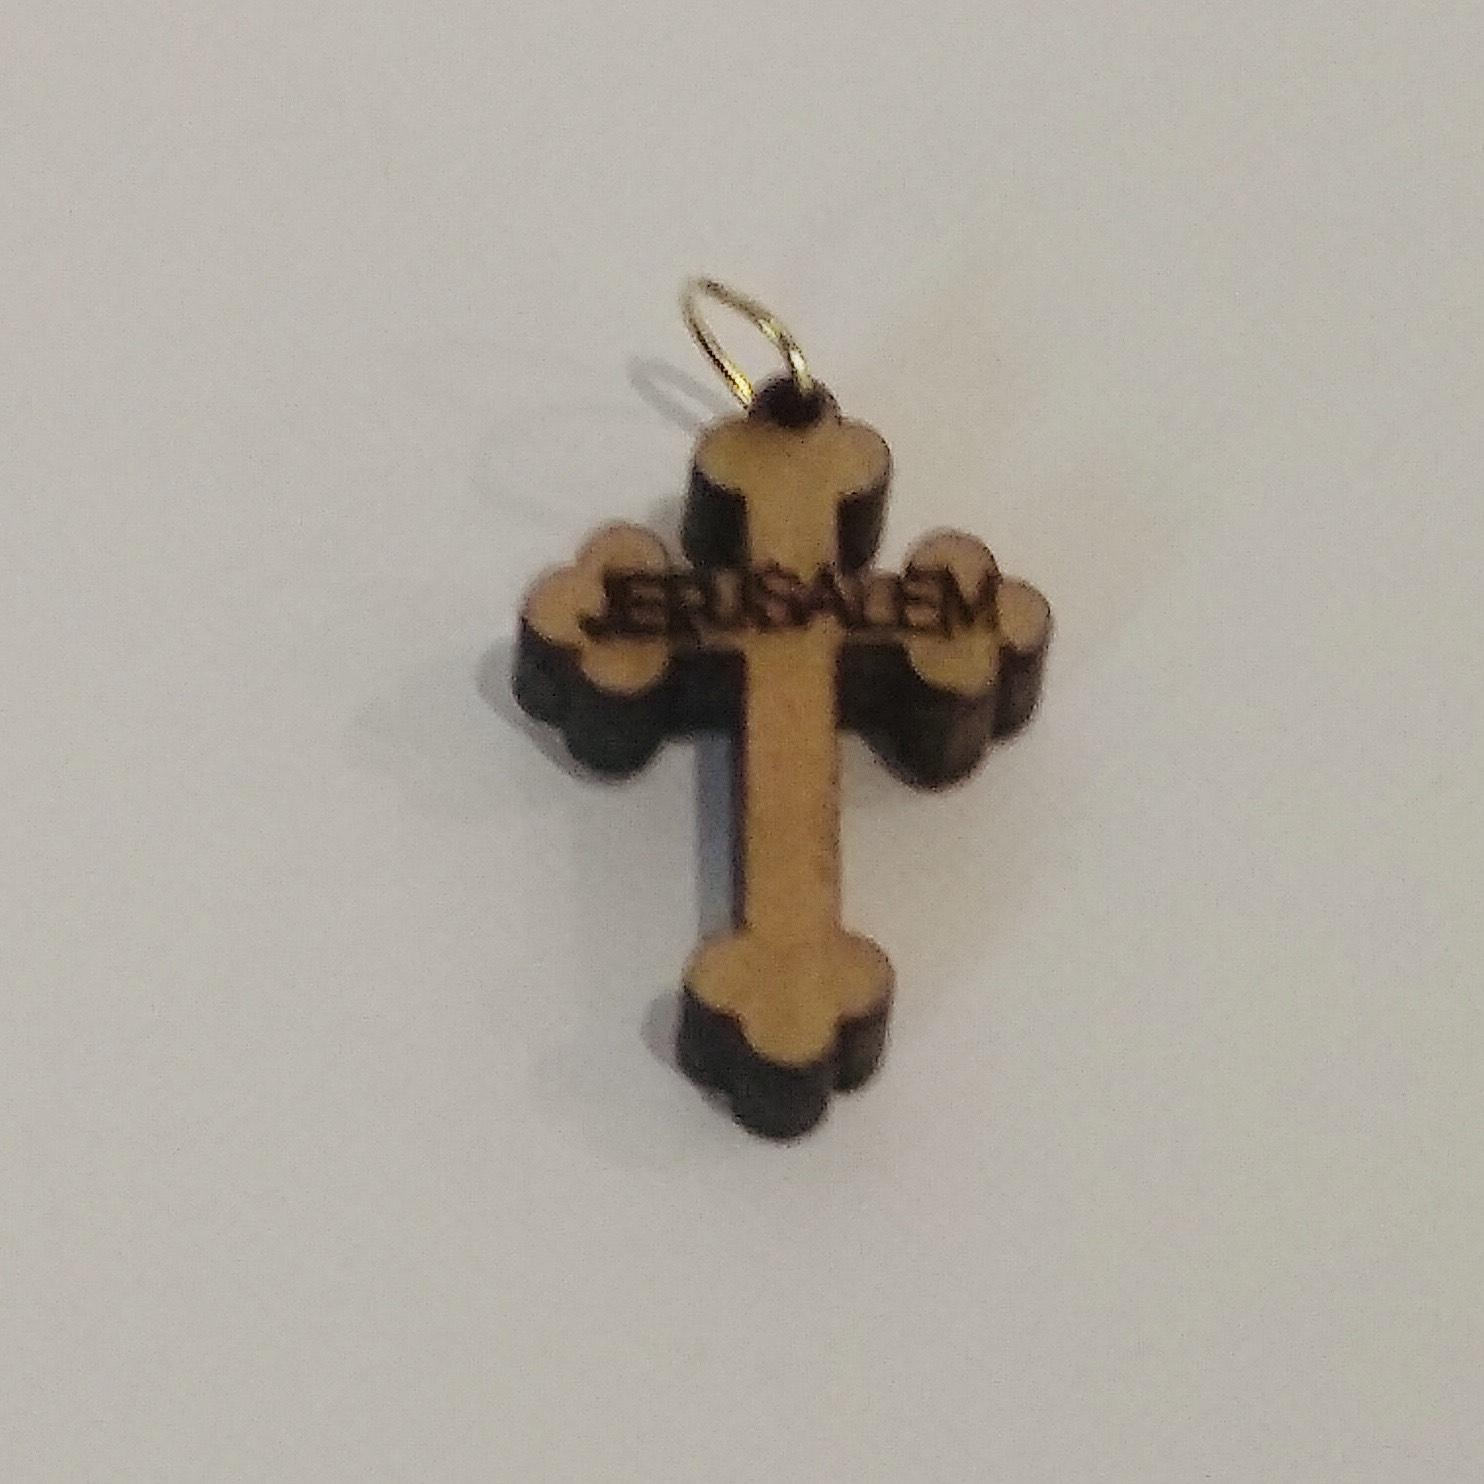 Крест нательный. Деревянный